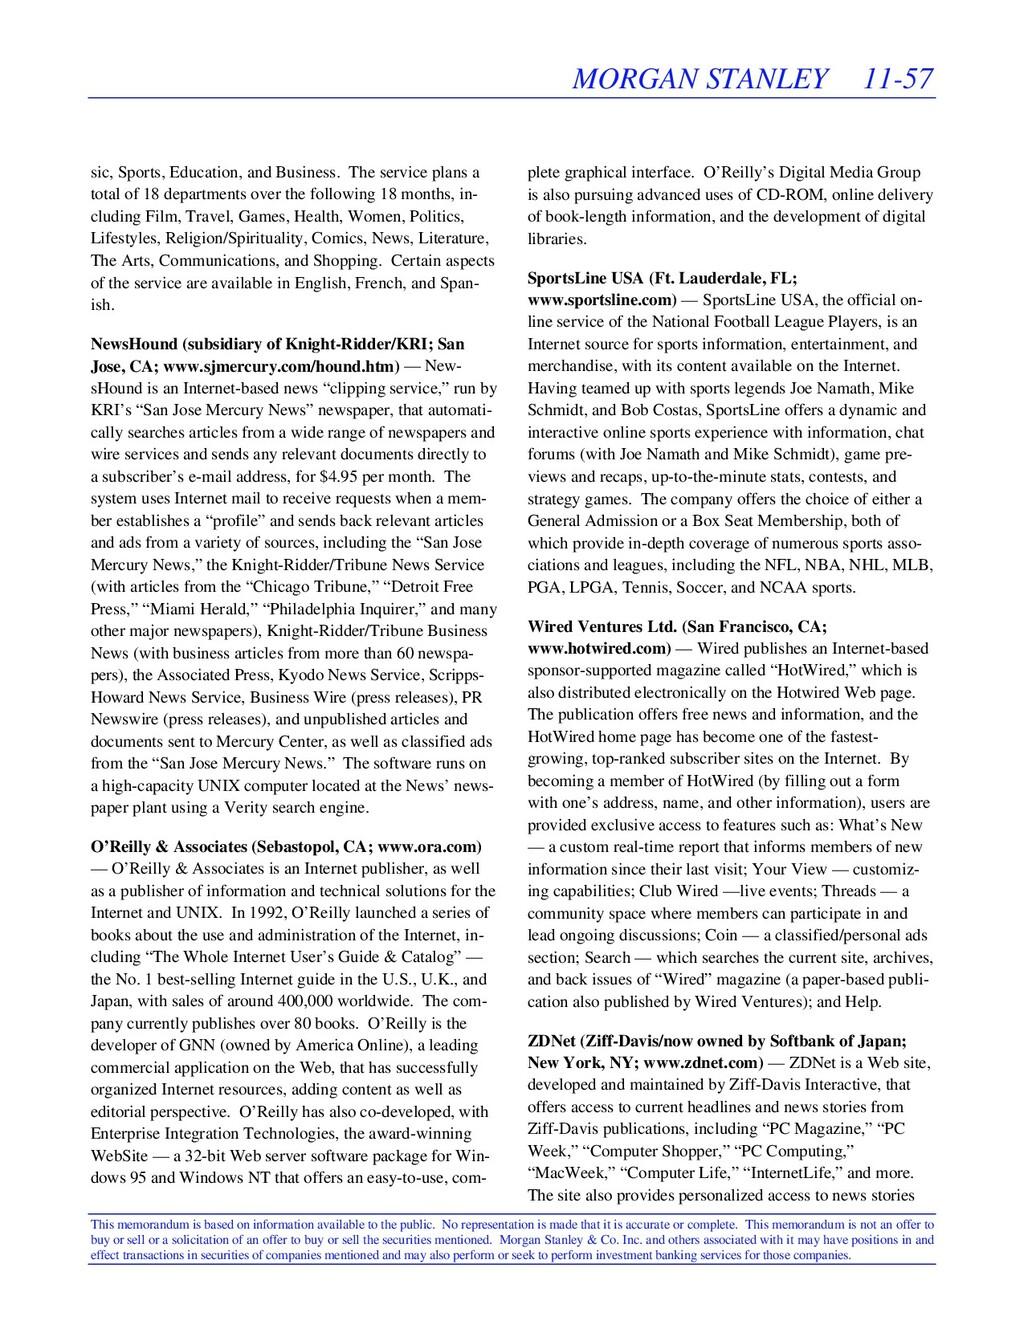 MORGAN STANLEY 11-57 This memorandum is based o...